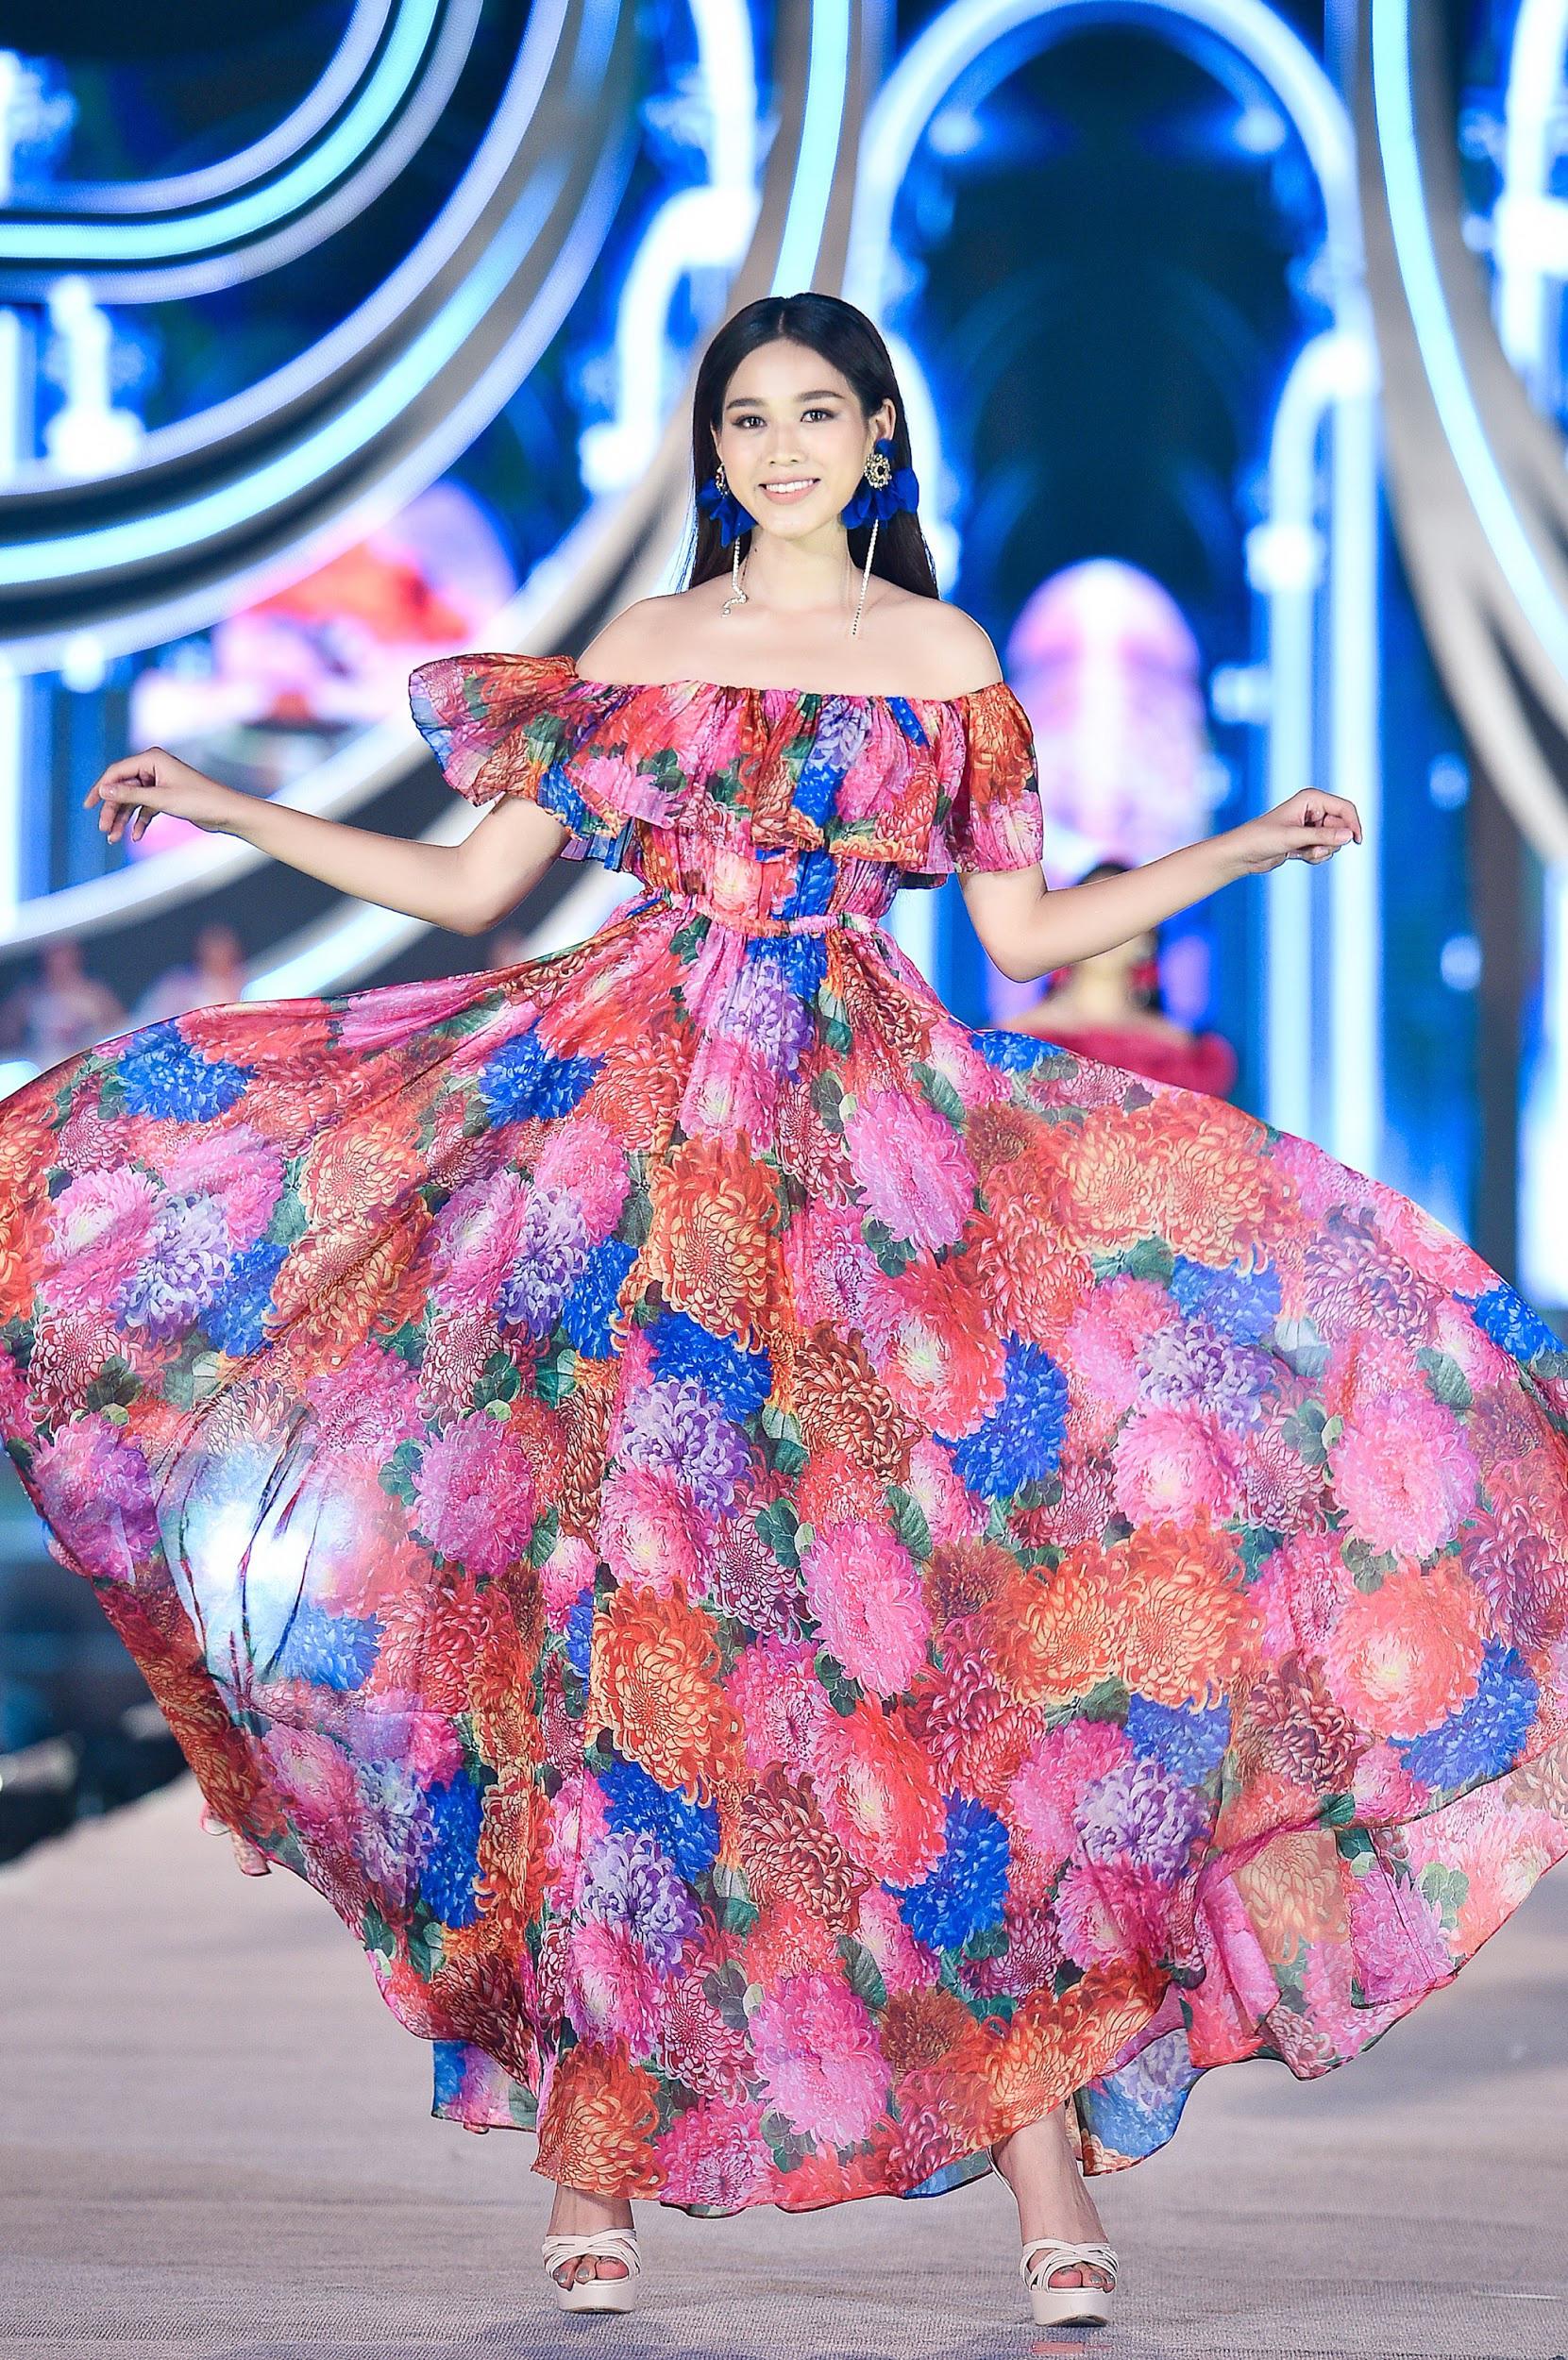 Mãn nhãn với đêm thi Người đẹp Thời trang của các thí sinh HHVN 2020 trong trang phục Neva - Ảnh 2.